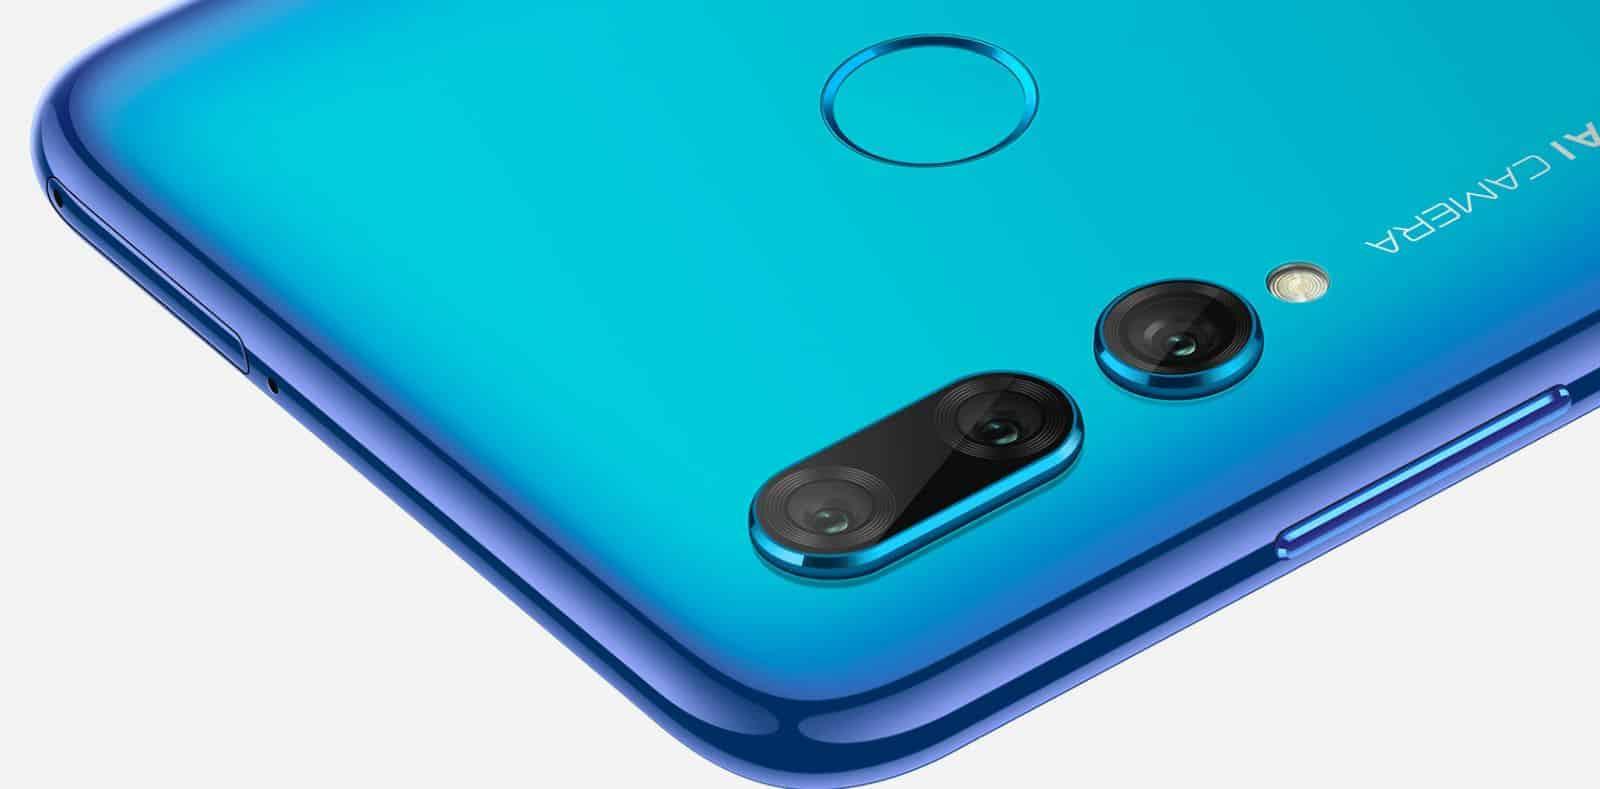 Huawei P smart 2019 image 2